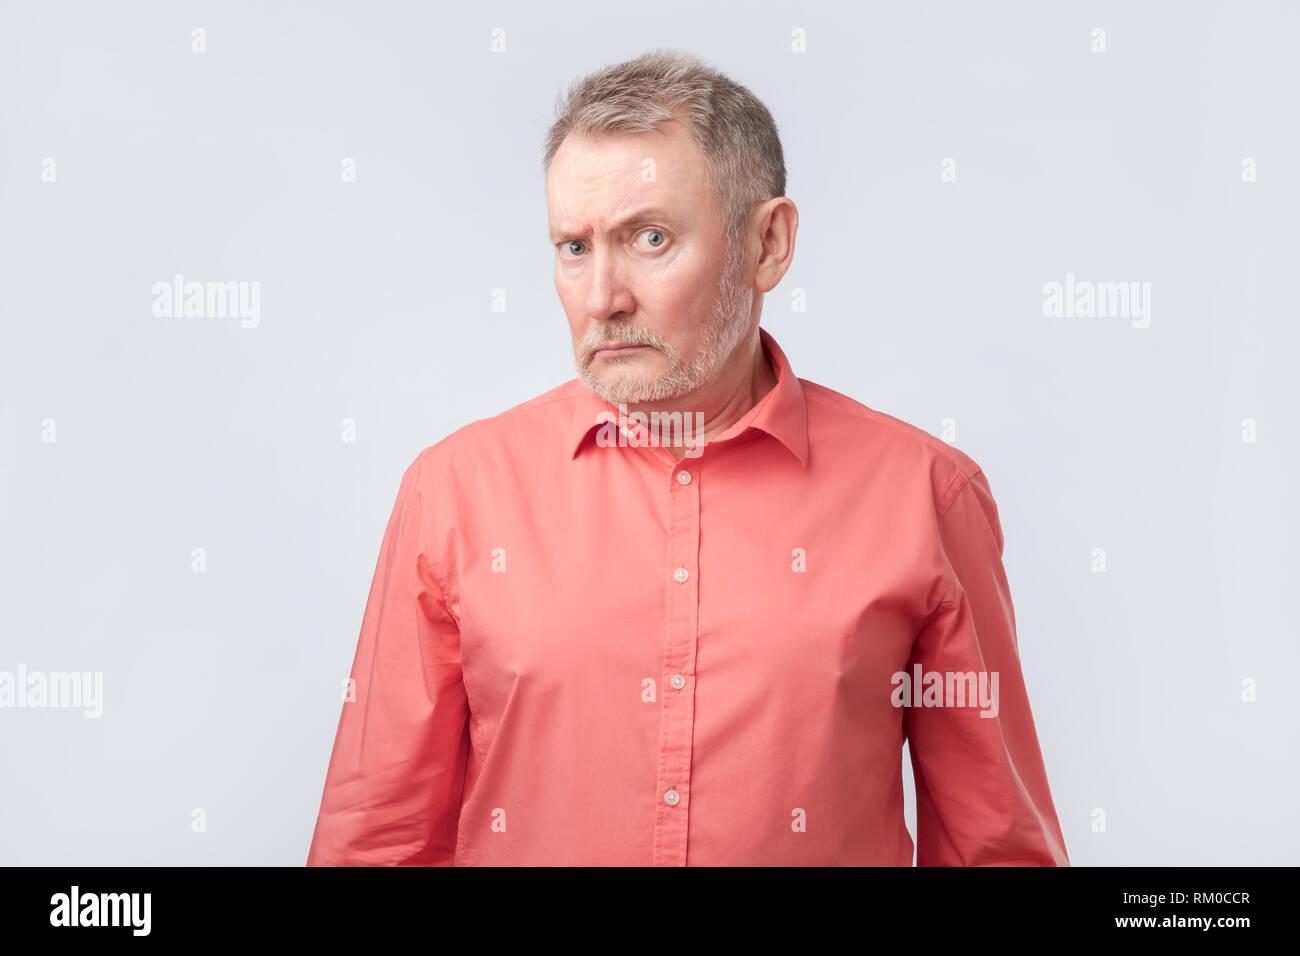 Hombre senior en camiseta roja fruncir el ceño y entrecerrar, mostrando la incredulidad o duda Imagen De Stock